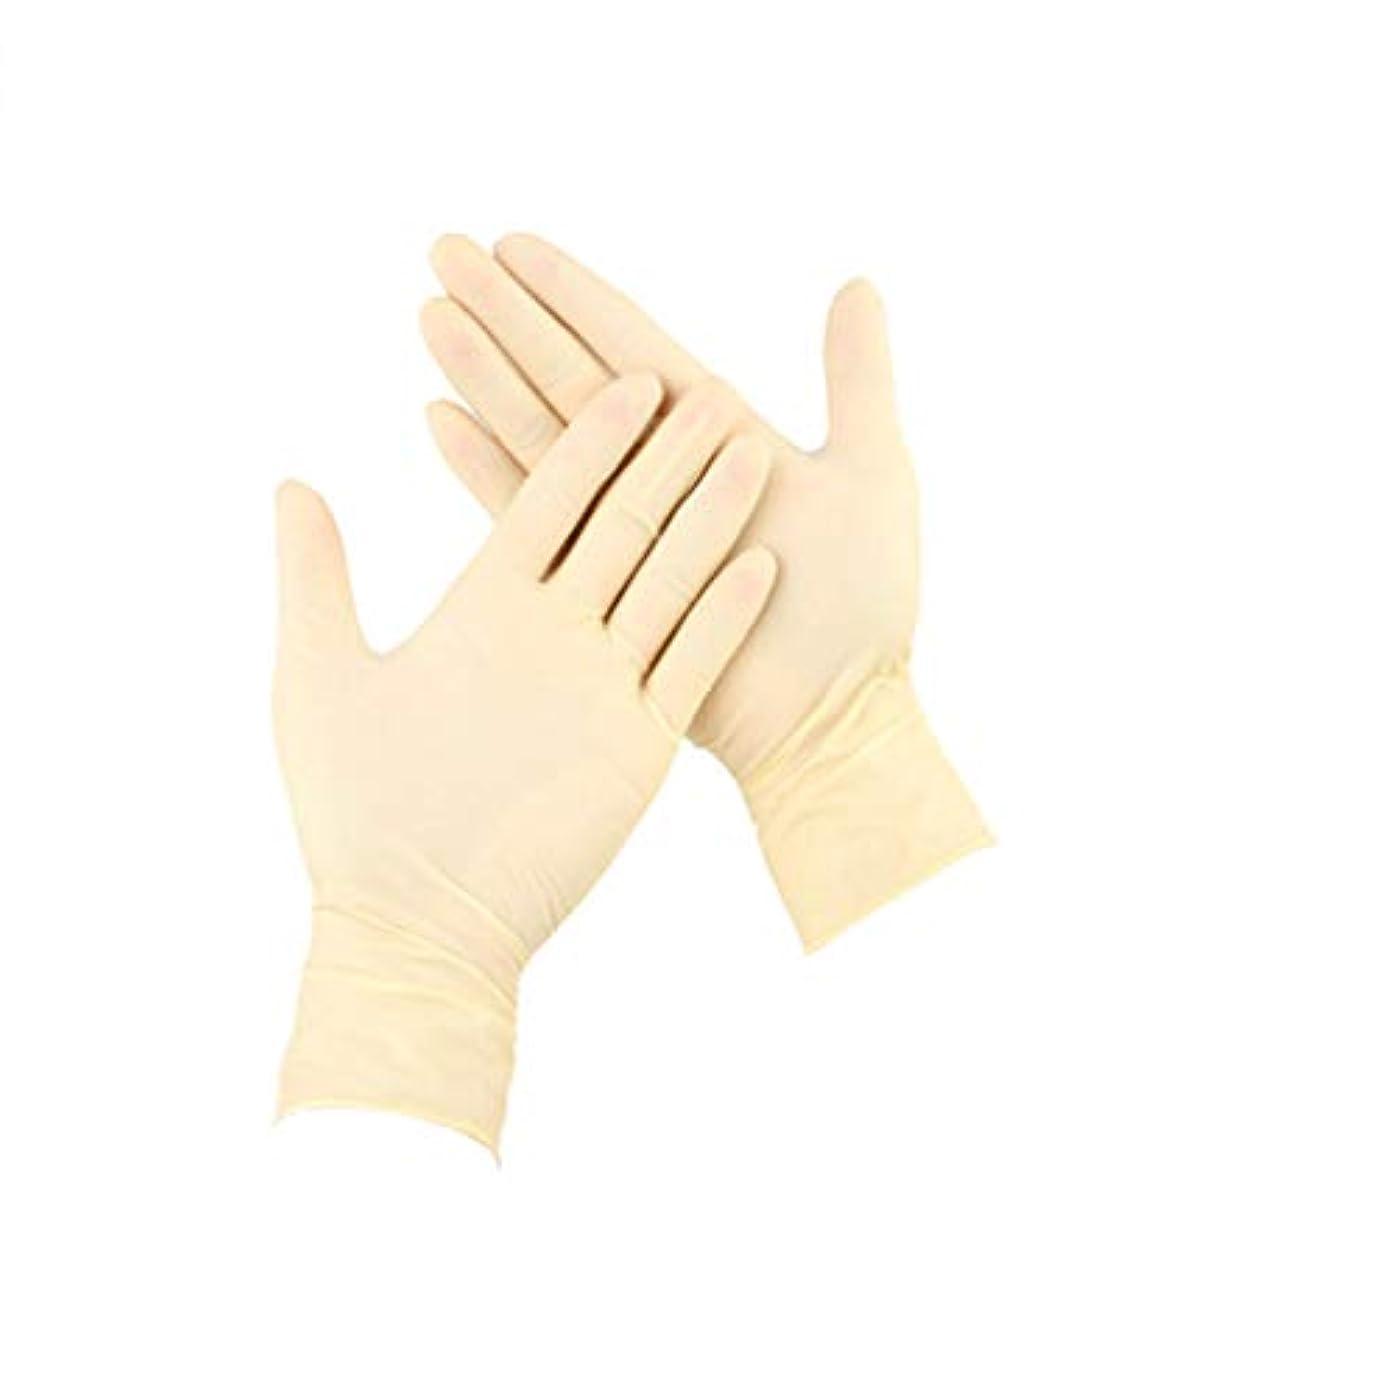 役立つ調停する手段グローブ使い捨てラテックス手袋ゴム保護手袋は、静電気防止キッチンケータリングクリームイエローラテックス100個をチェックする (サイズ さいず : S s)